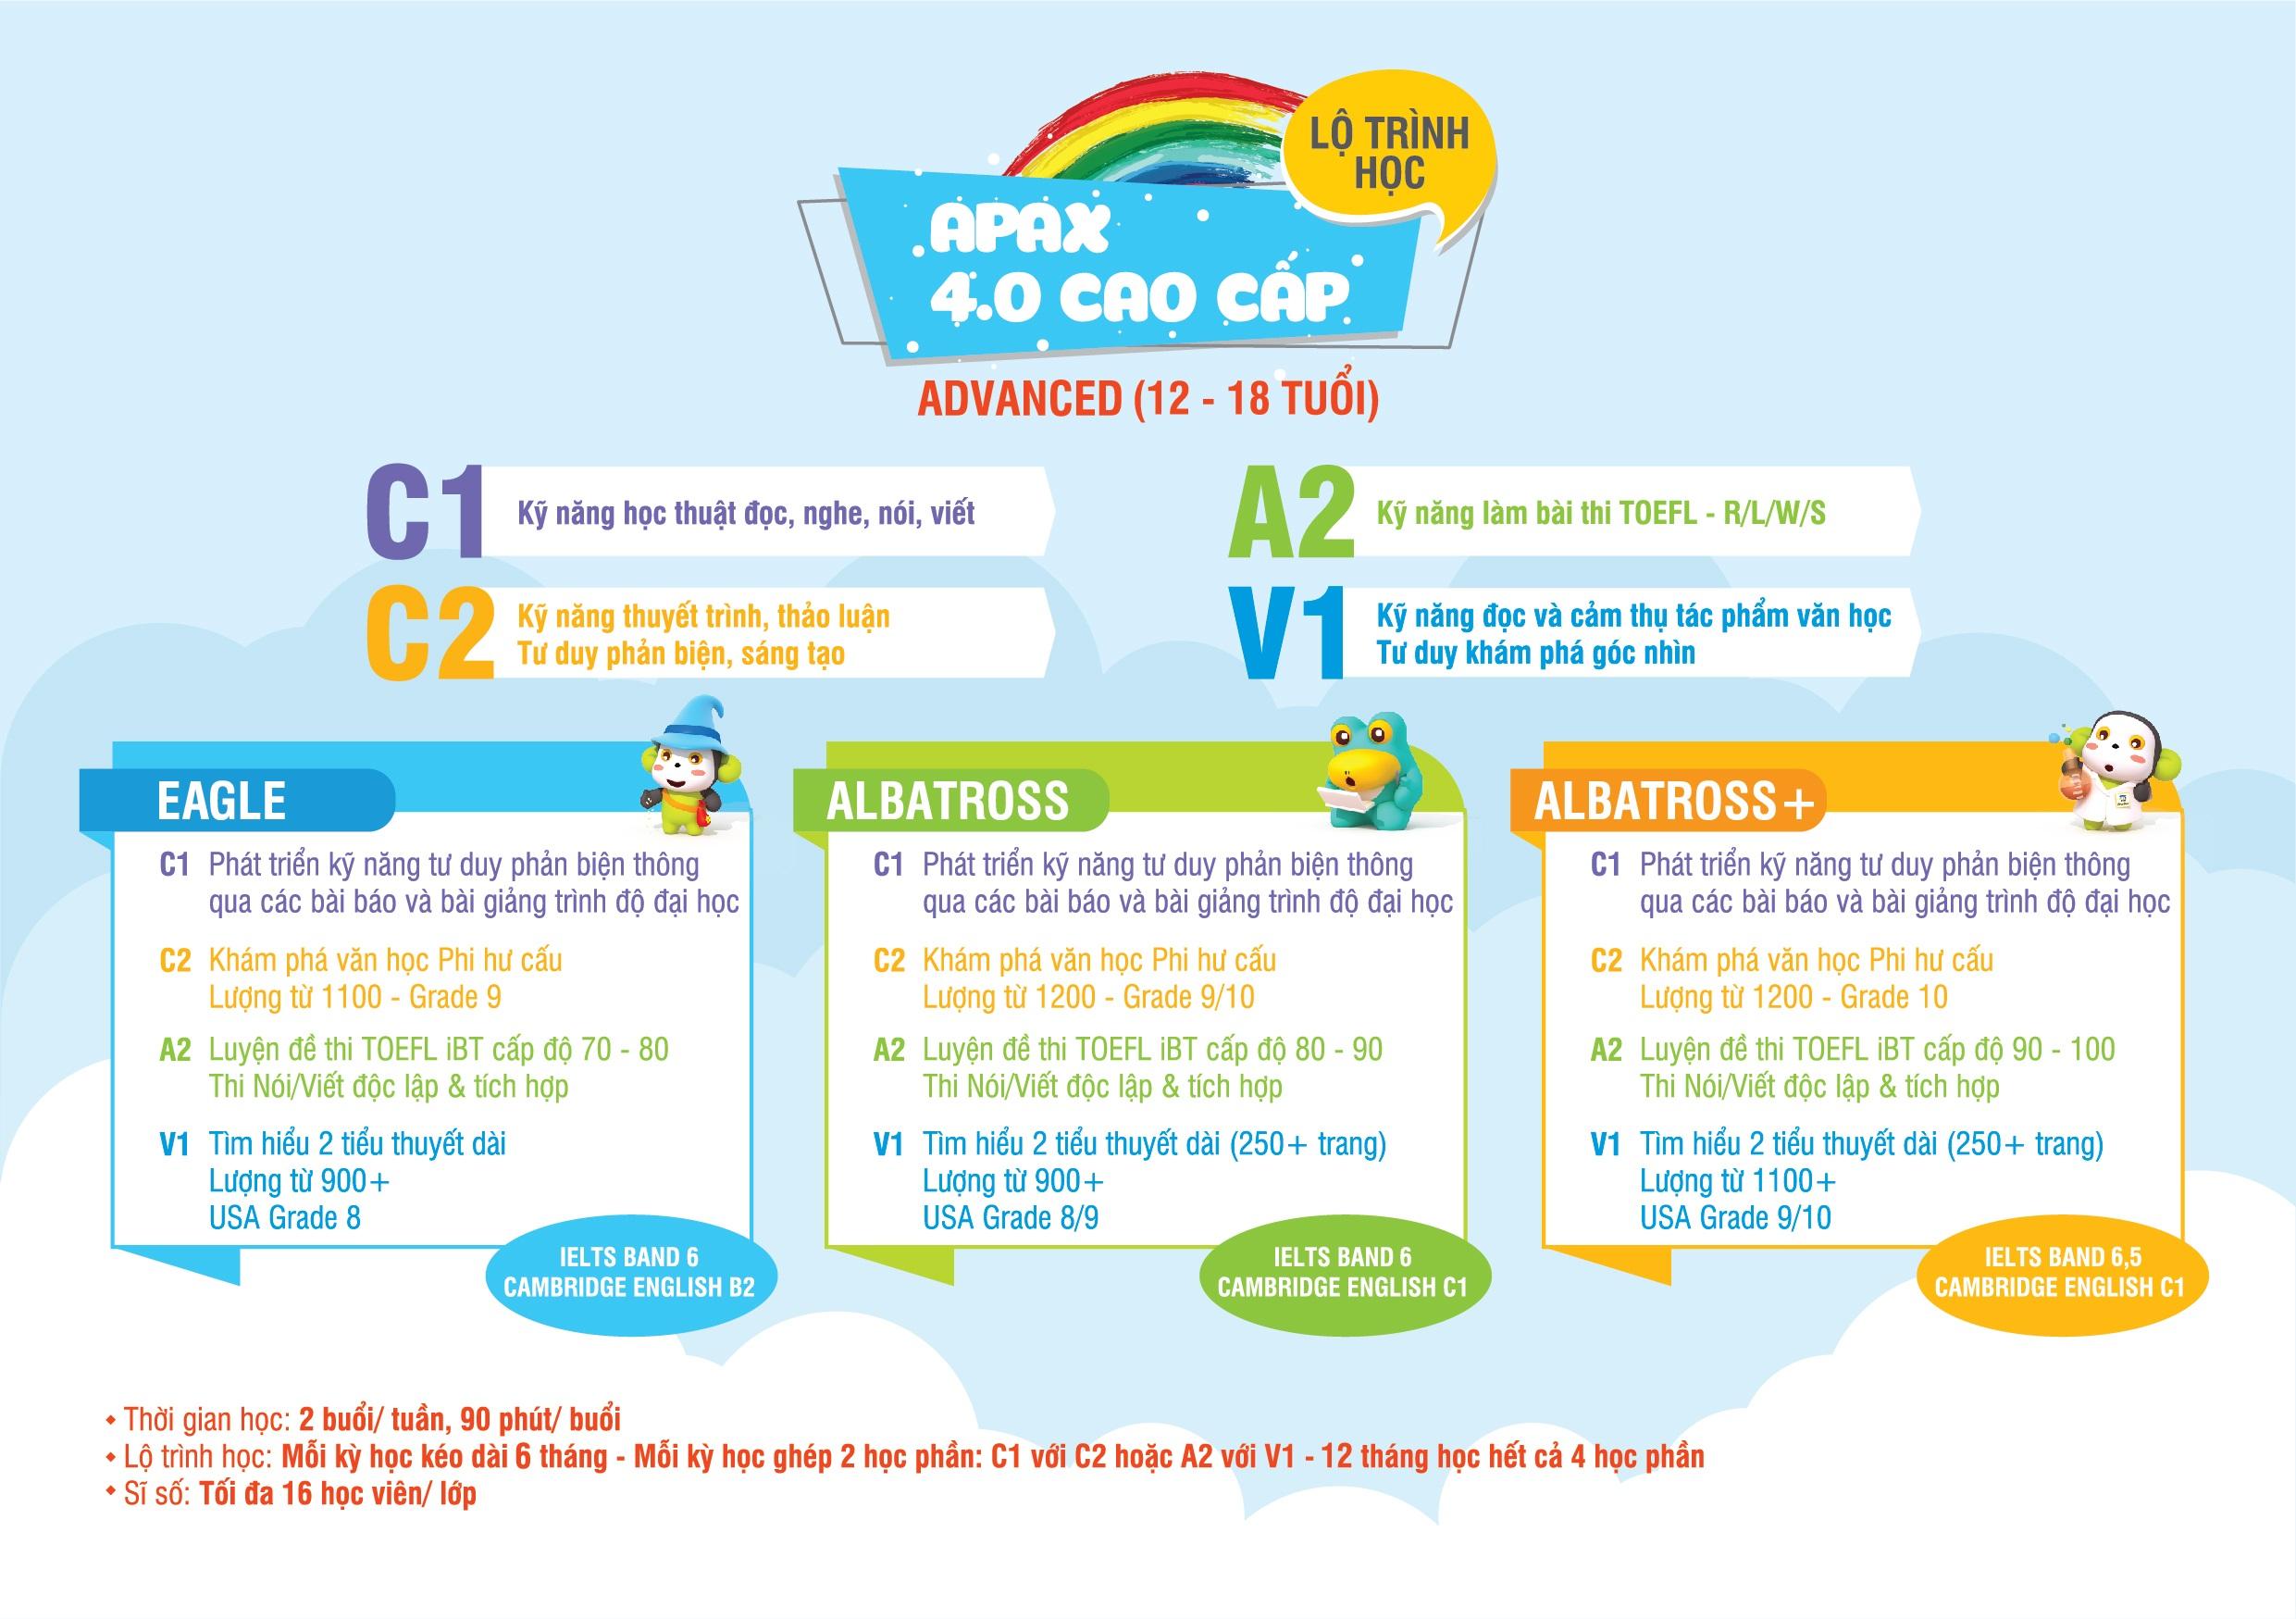 Lộ trình đào tạo APAX 4.0 CAO CẤP